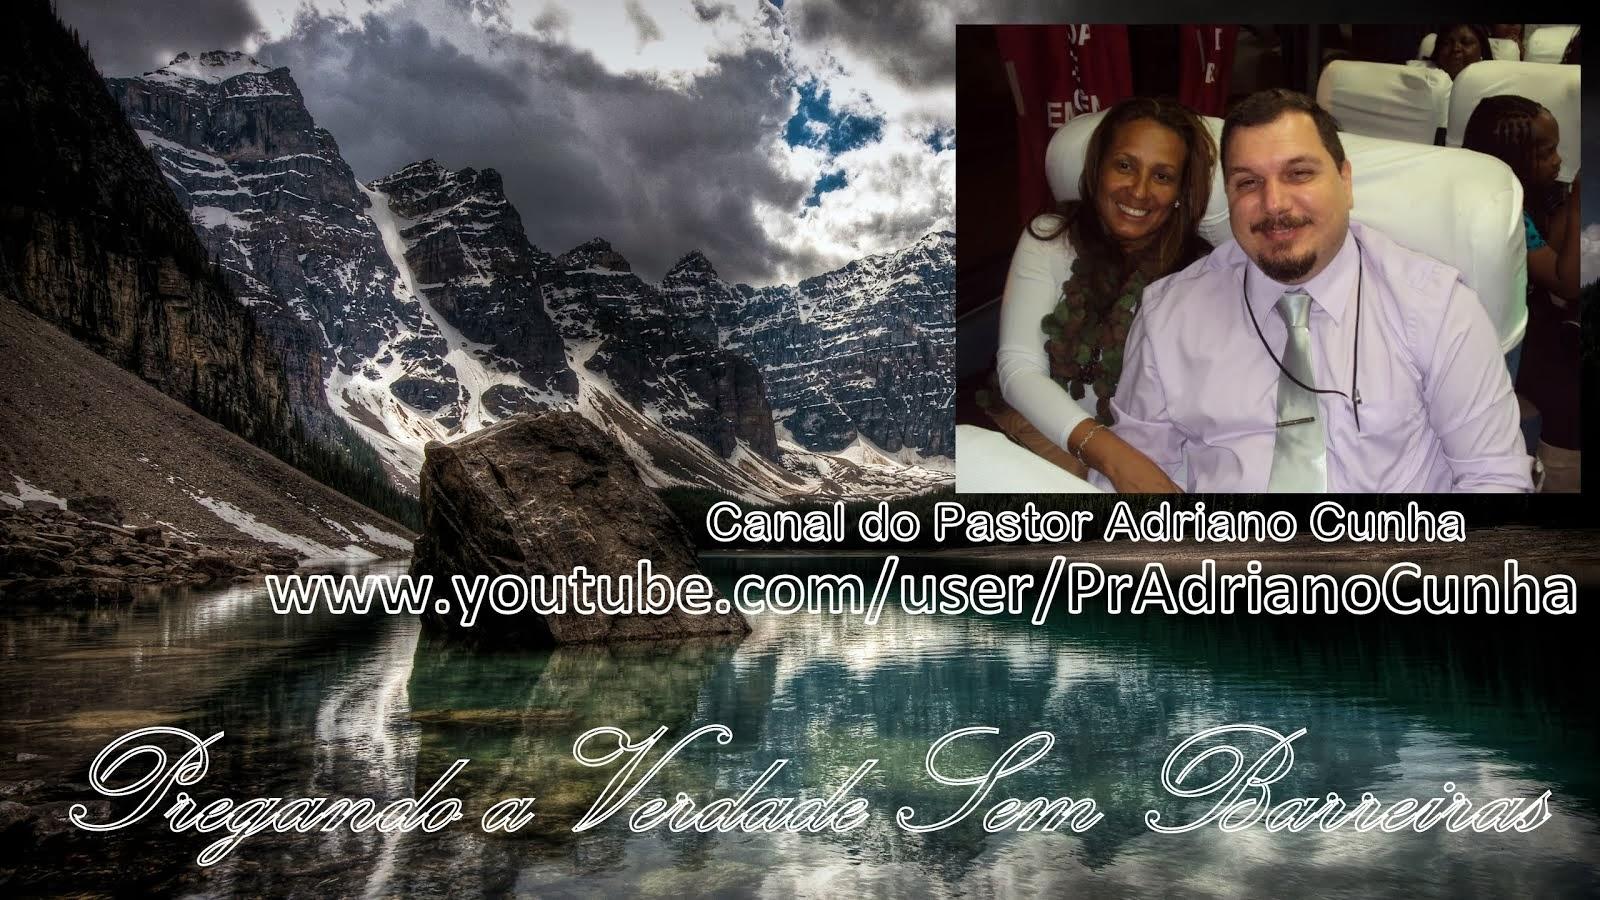 Canal do Pastor Adriano Cunha no Youtube